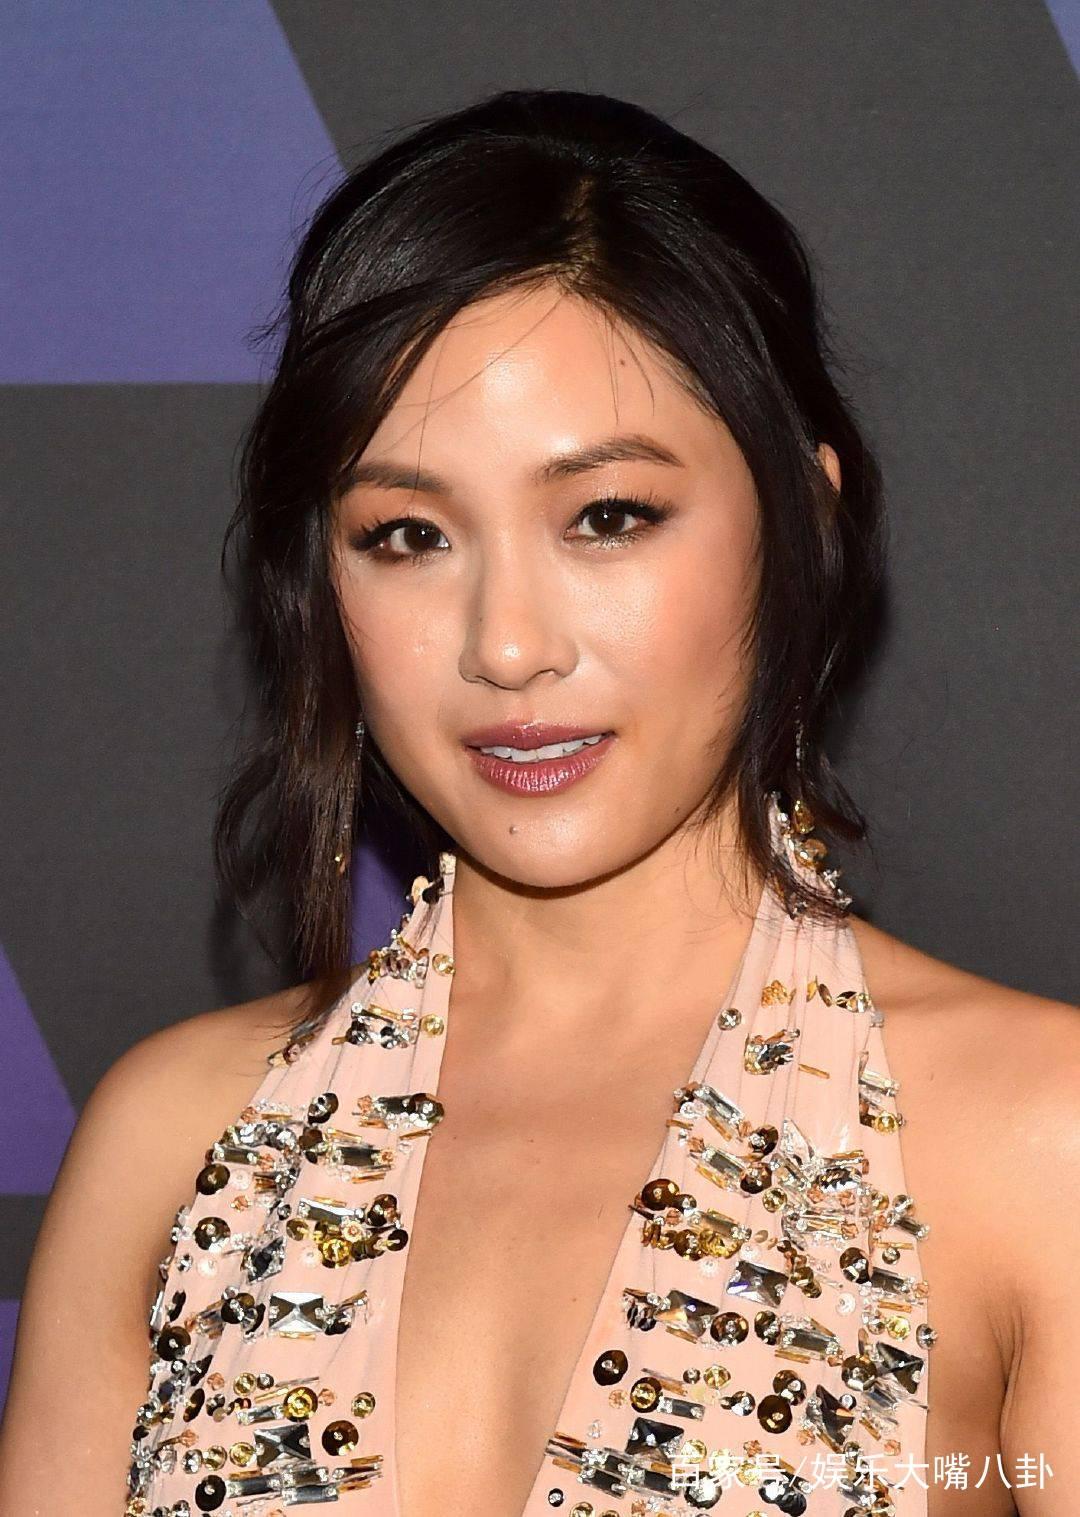 电影《摘金奇缘》三位女星杨紫琼,嘉玛·陈和吴恬敏高清美图